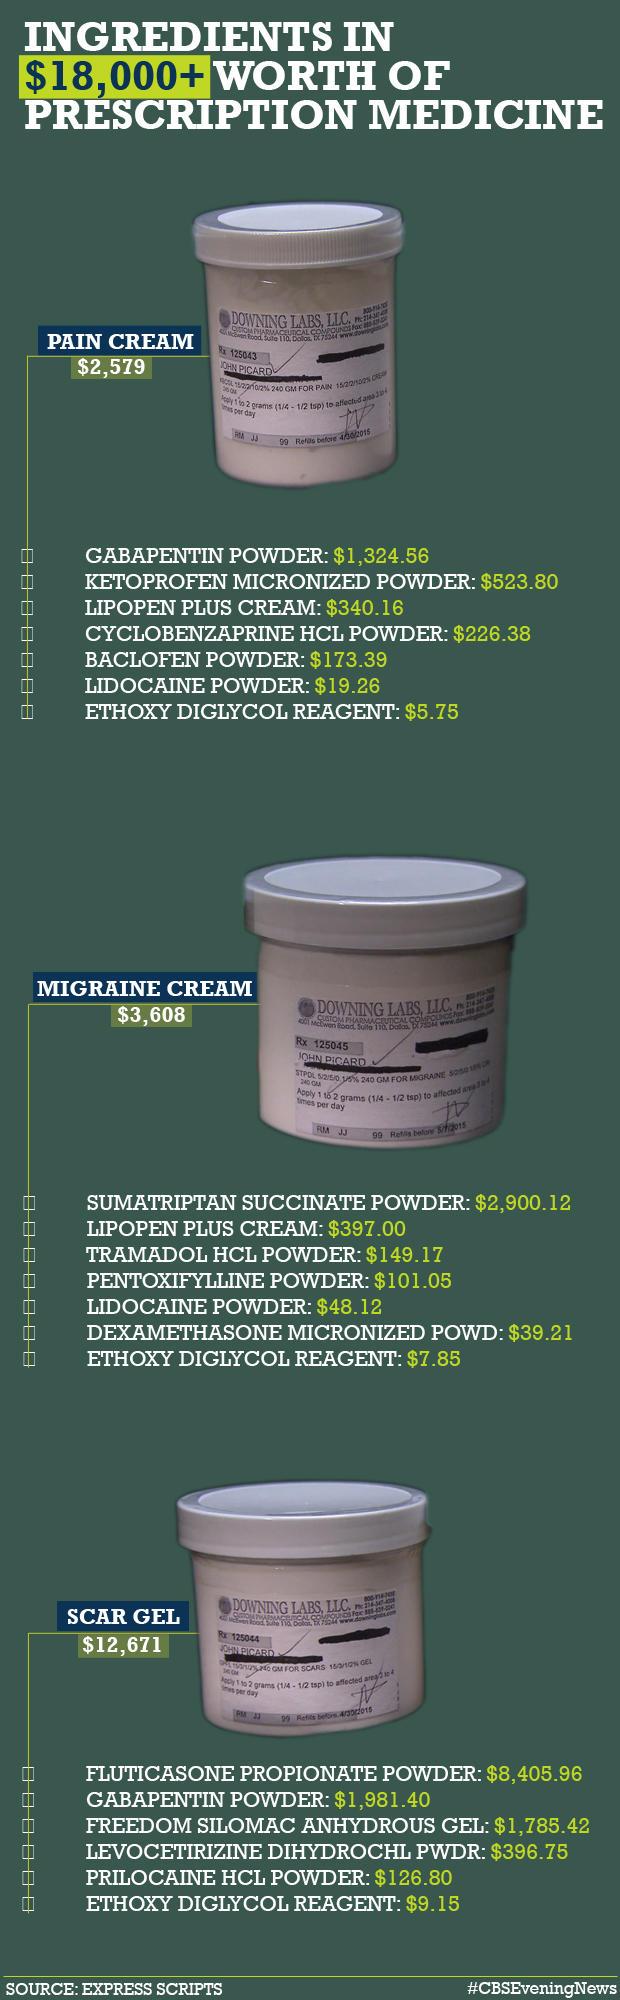 rx-ingredients-copy.jpg